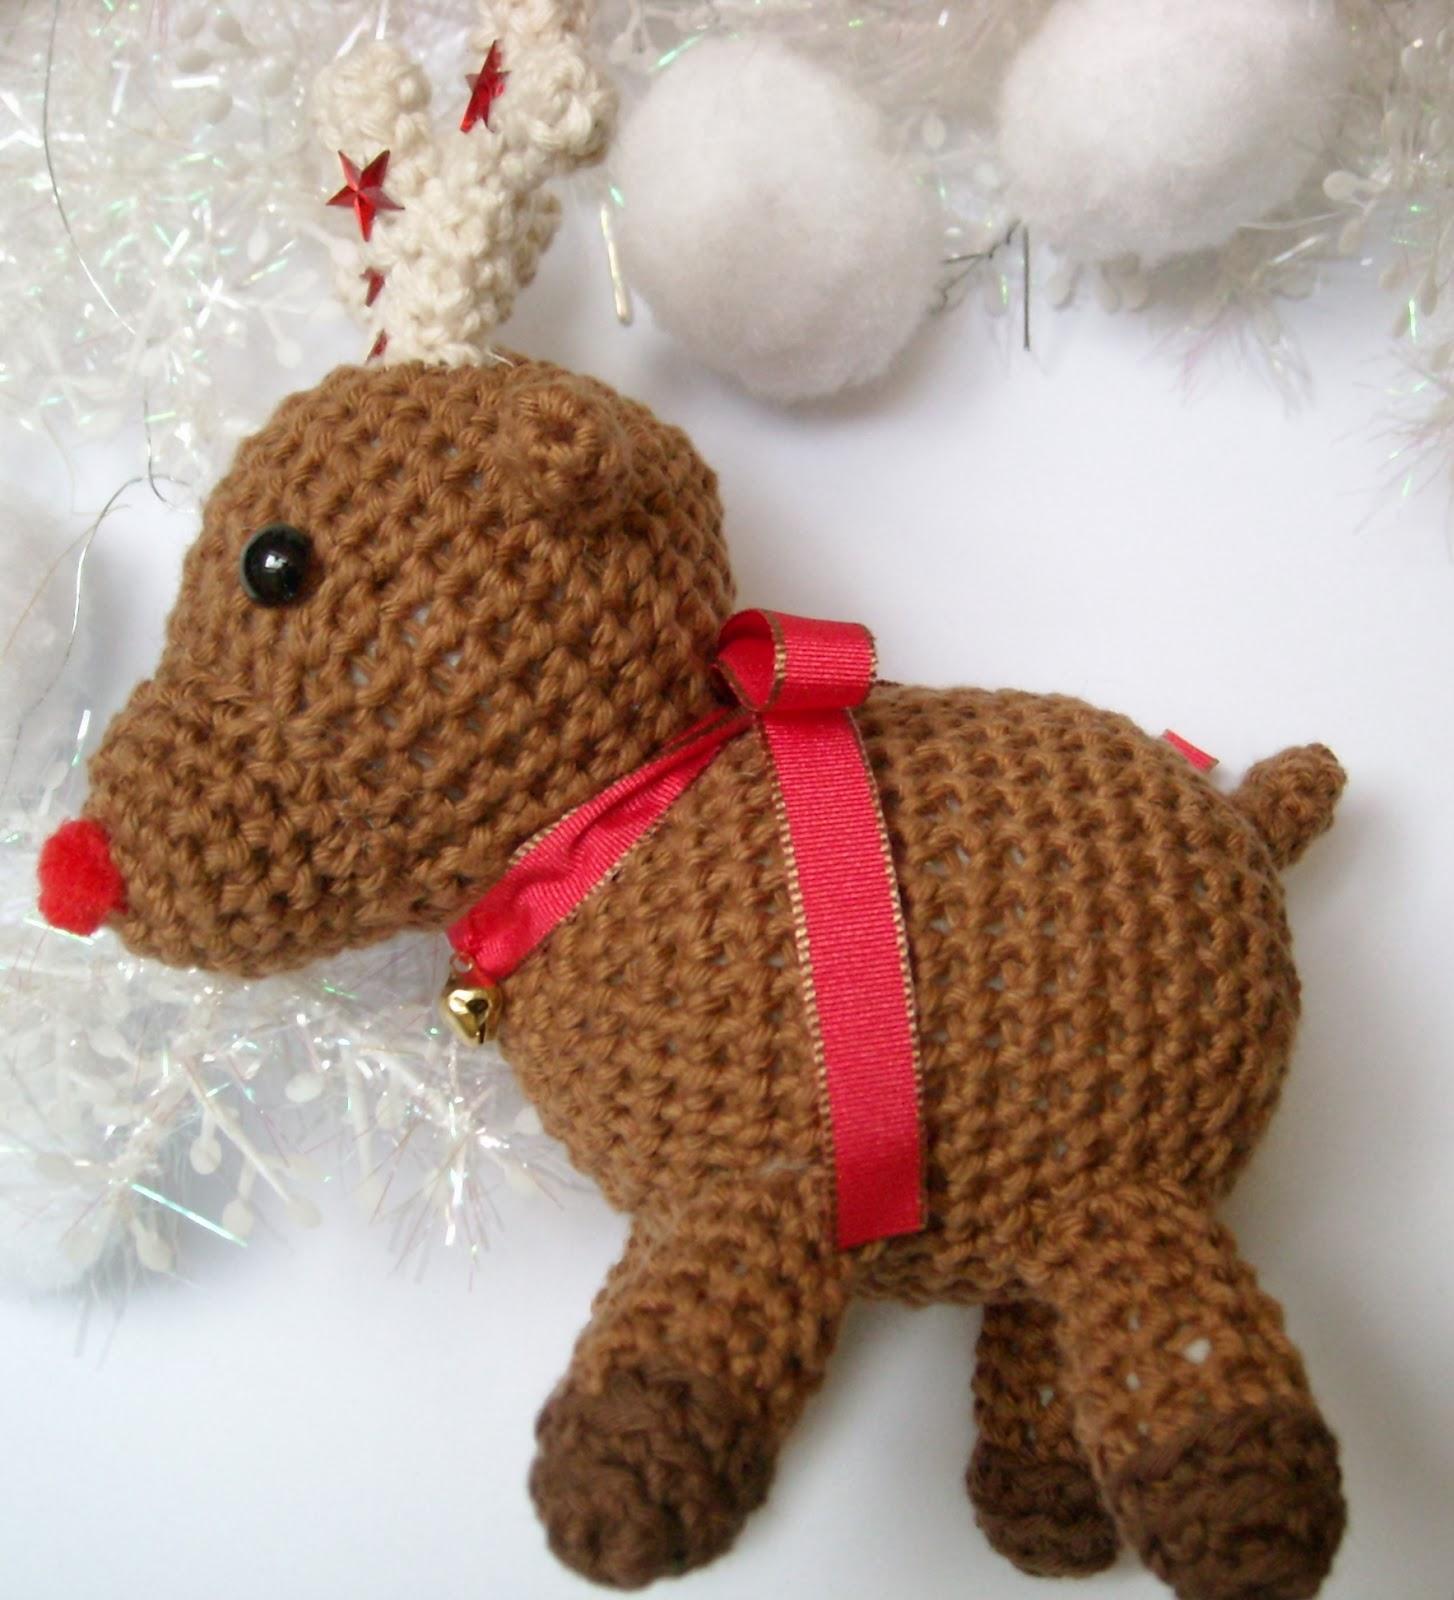 http://sunmoonamigurumi.blogspot.de/2013/12/rentier-amigurumi-reindeer-amigurumi.html